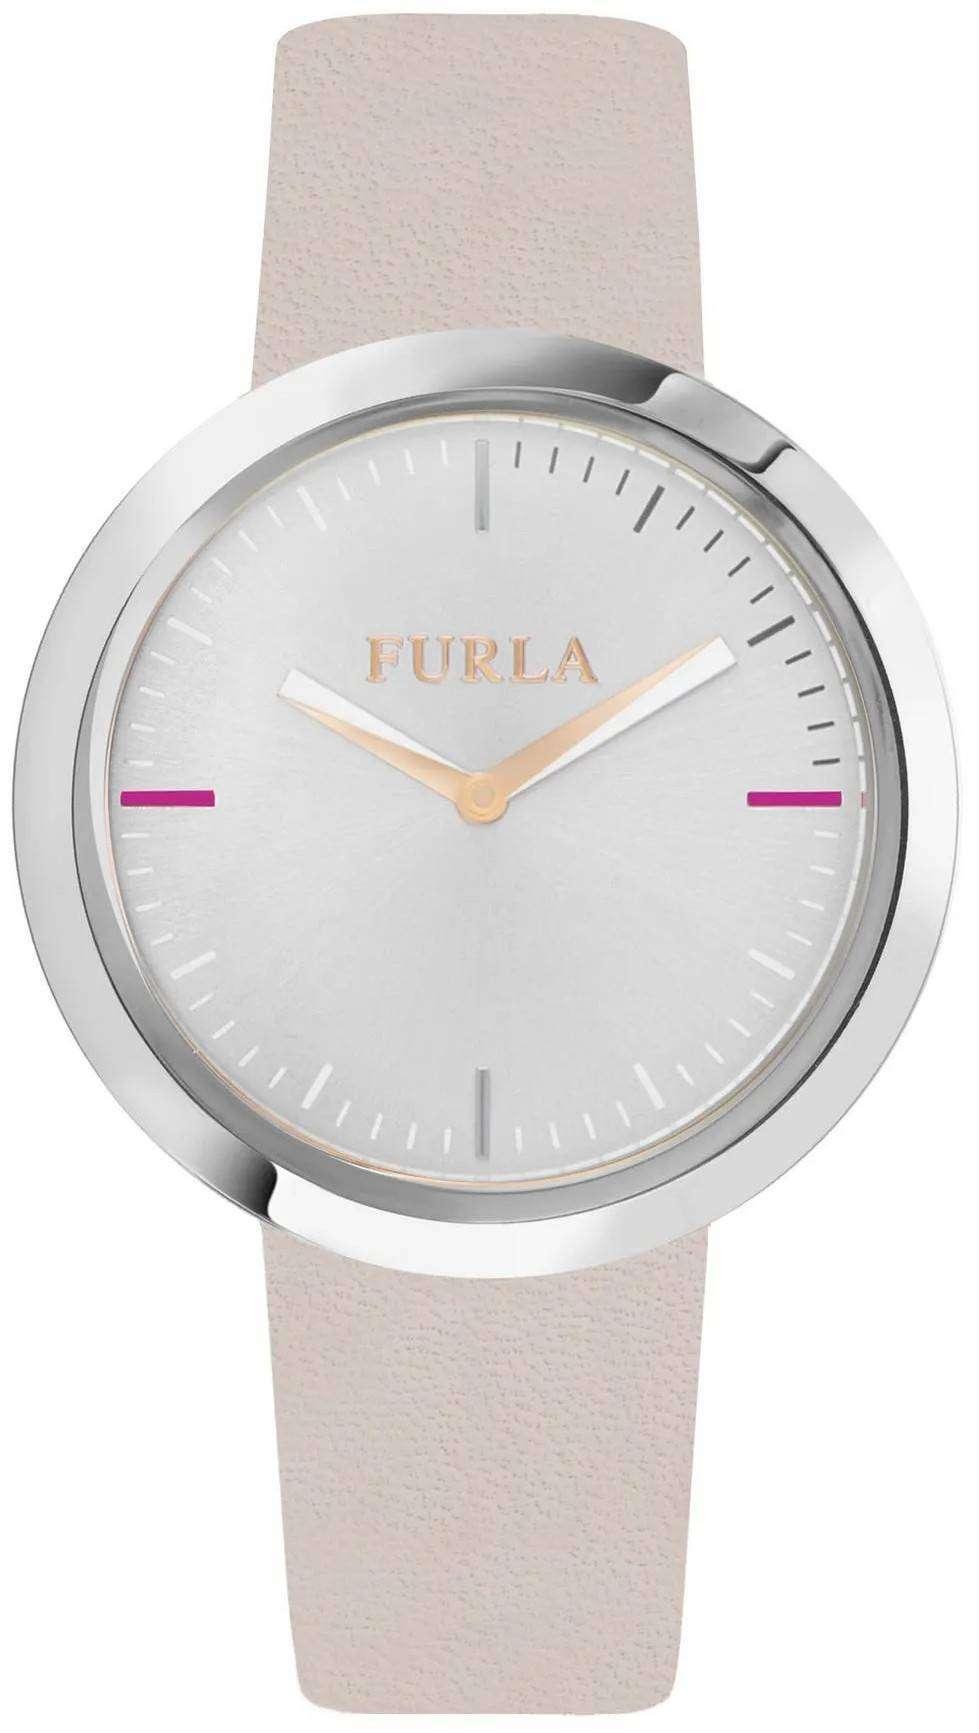 フルラ ヴァレンティーナ R4251103505 クォーツ レディース腕時計